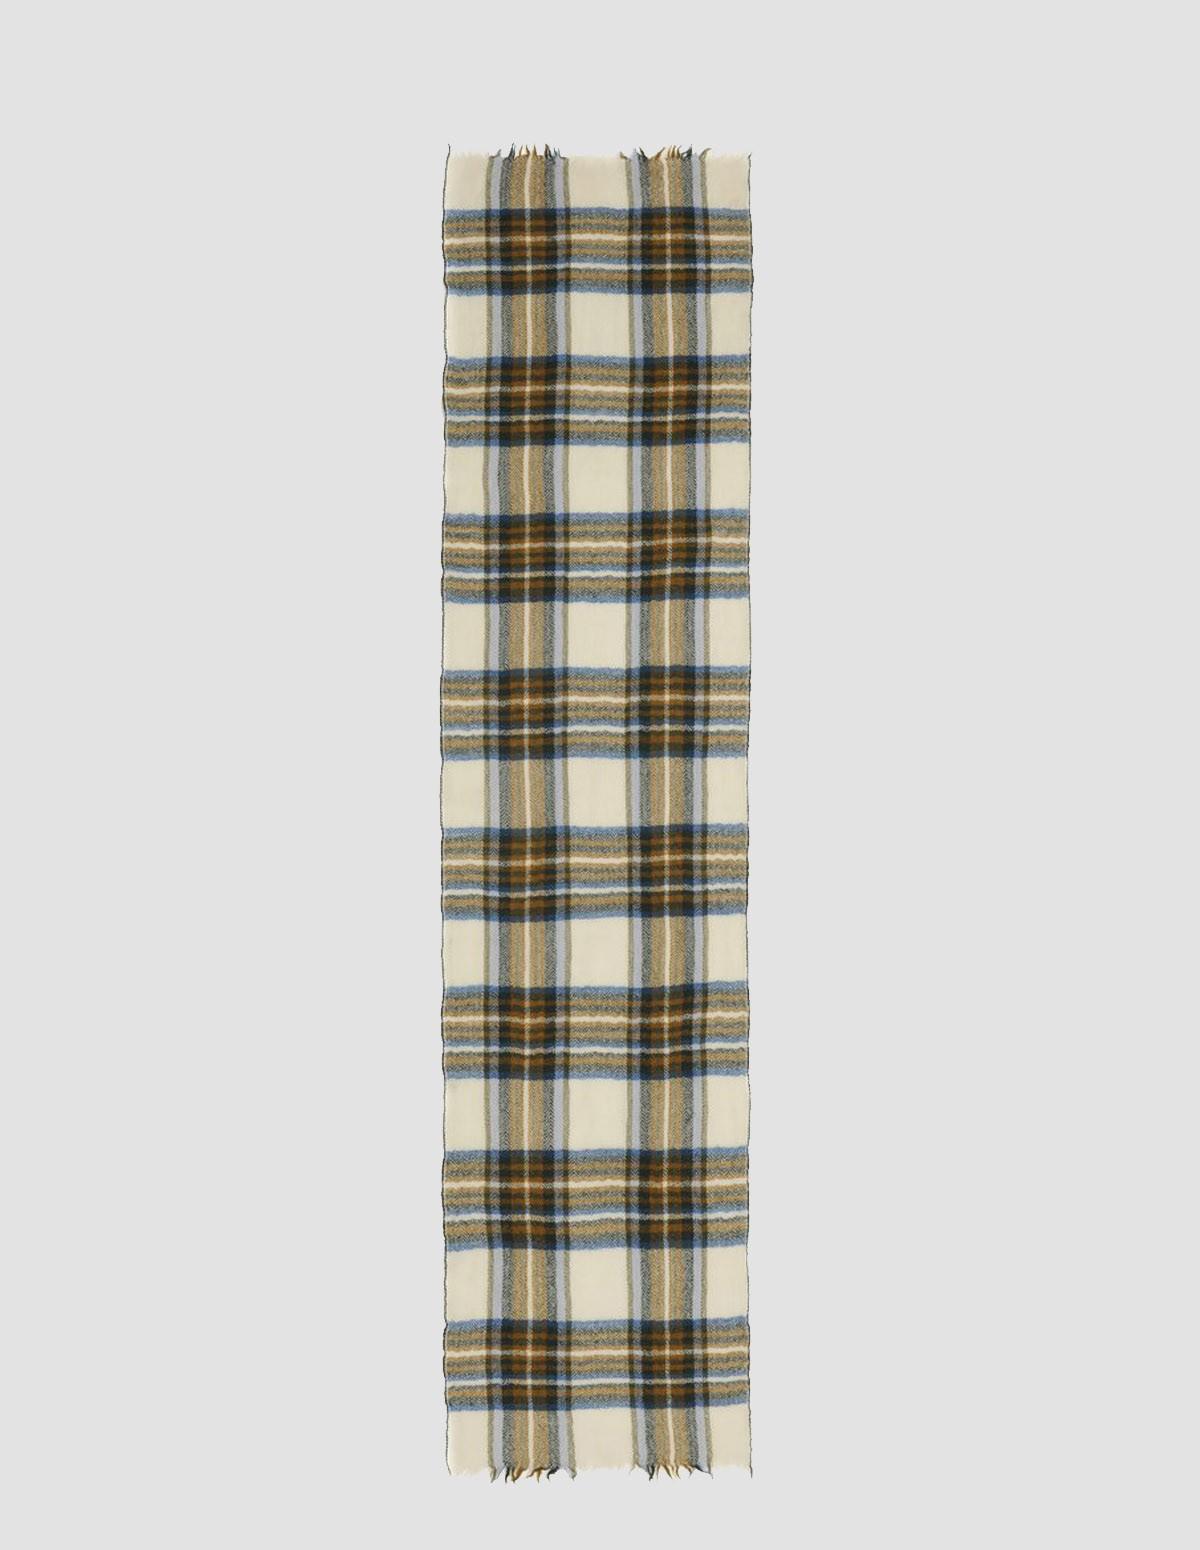 Moismont 550 Foulard - SQUIRREL